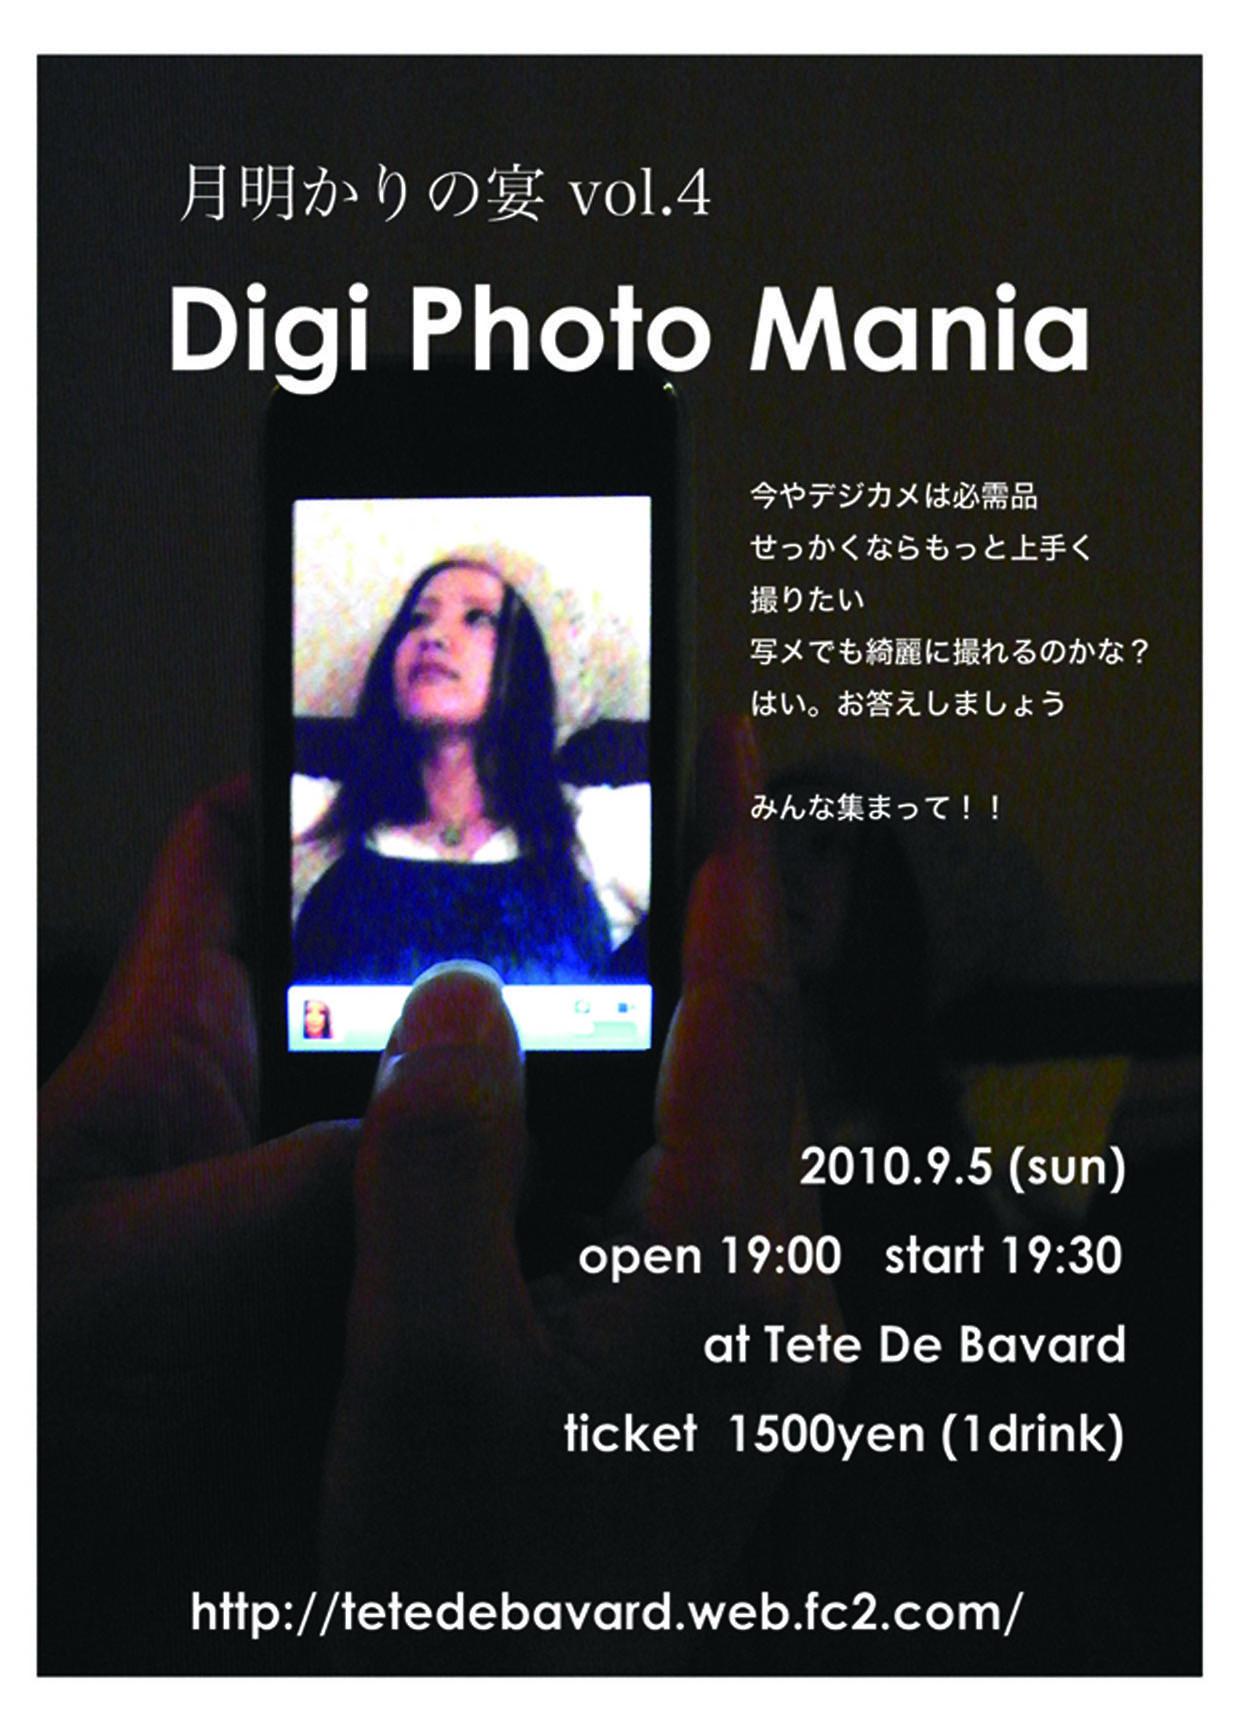 digi photo mania 3